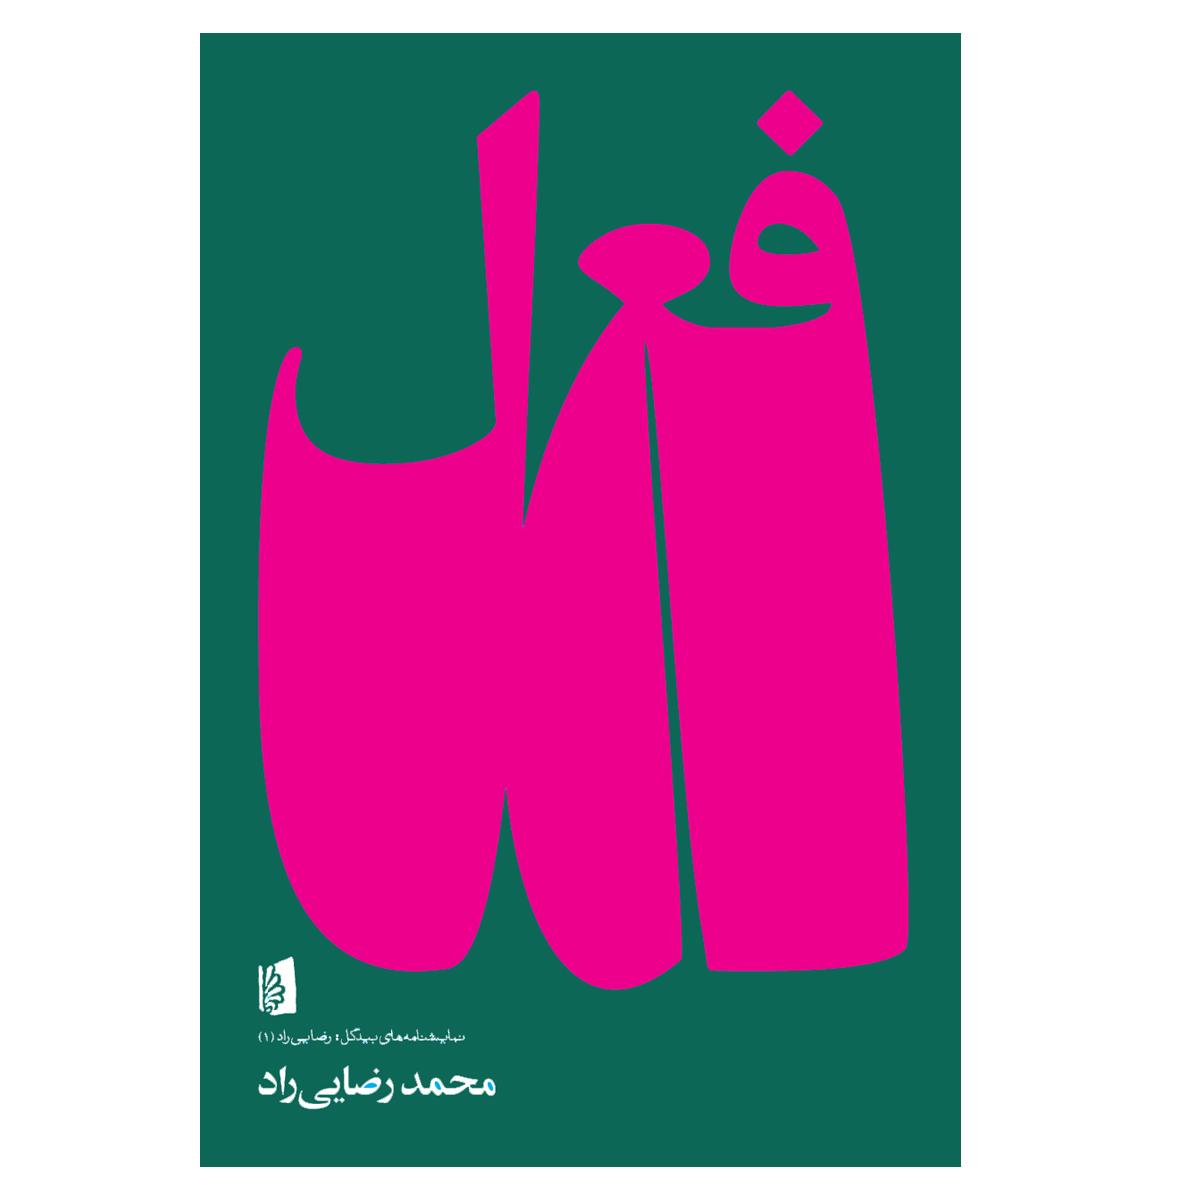 خرید                      کتاب فعل اثر محمد رضایی راد نشر بیدگل